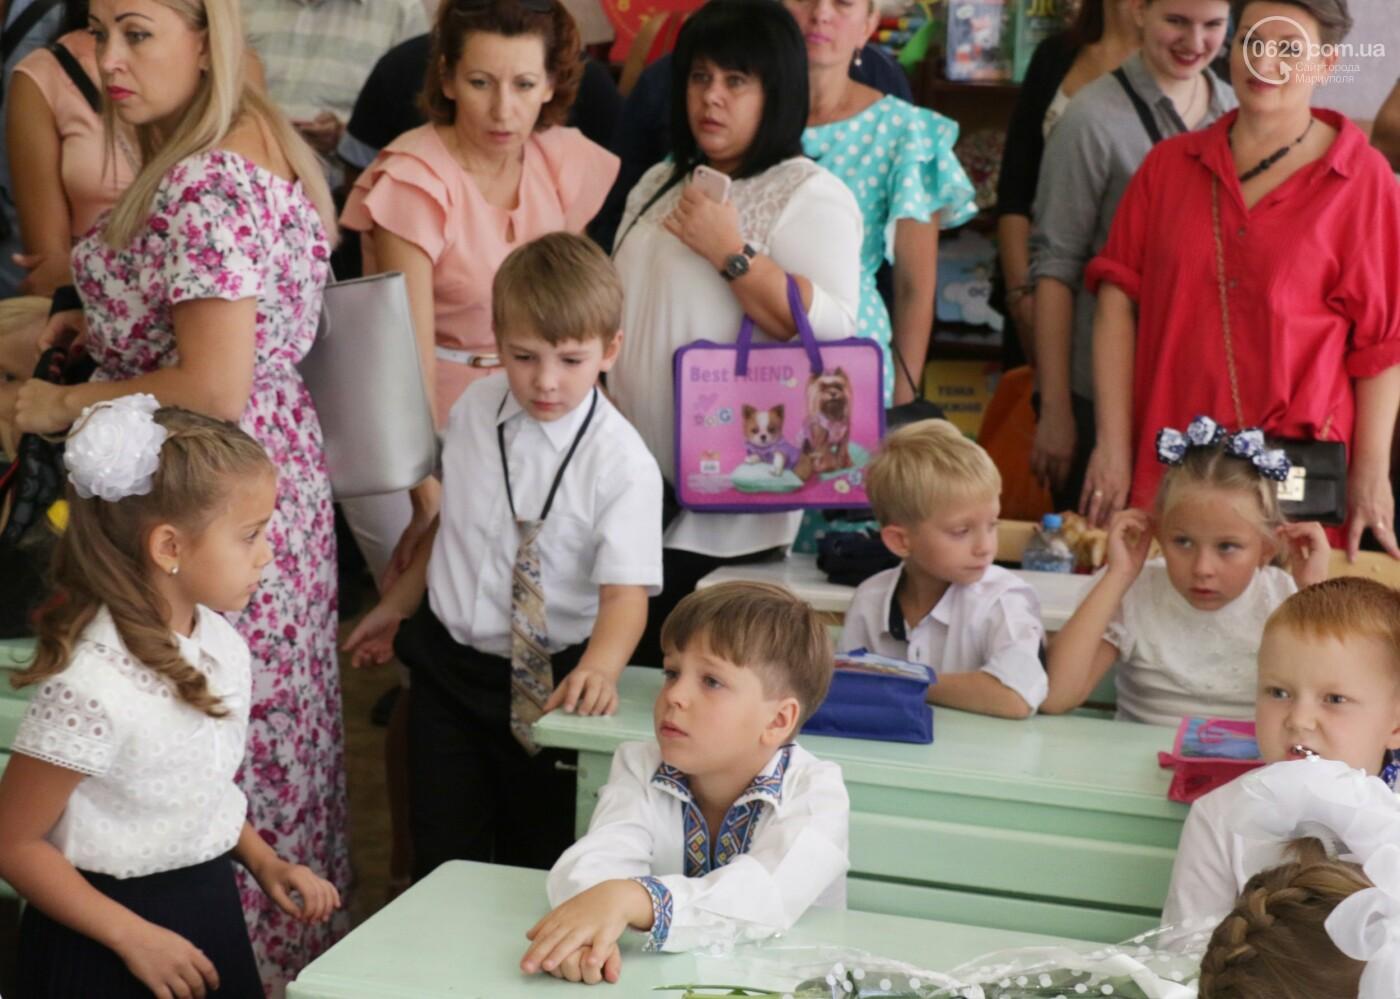 Первый звонок в Новой украинской школе: четыре тысячи первоклашек сели за парты в Мариуполе, - ФОТОРЕПОРТАЖ, фото-9